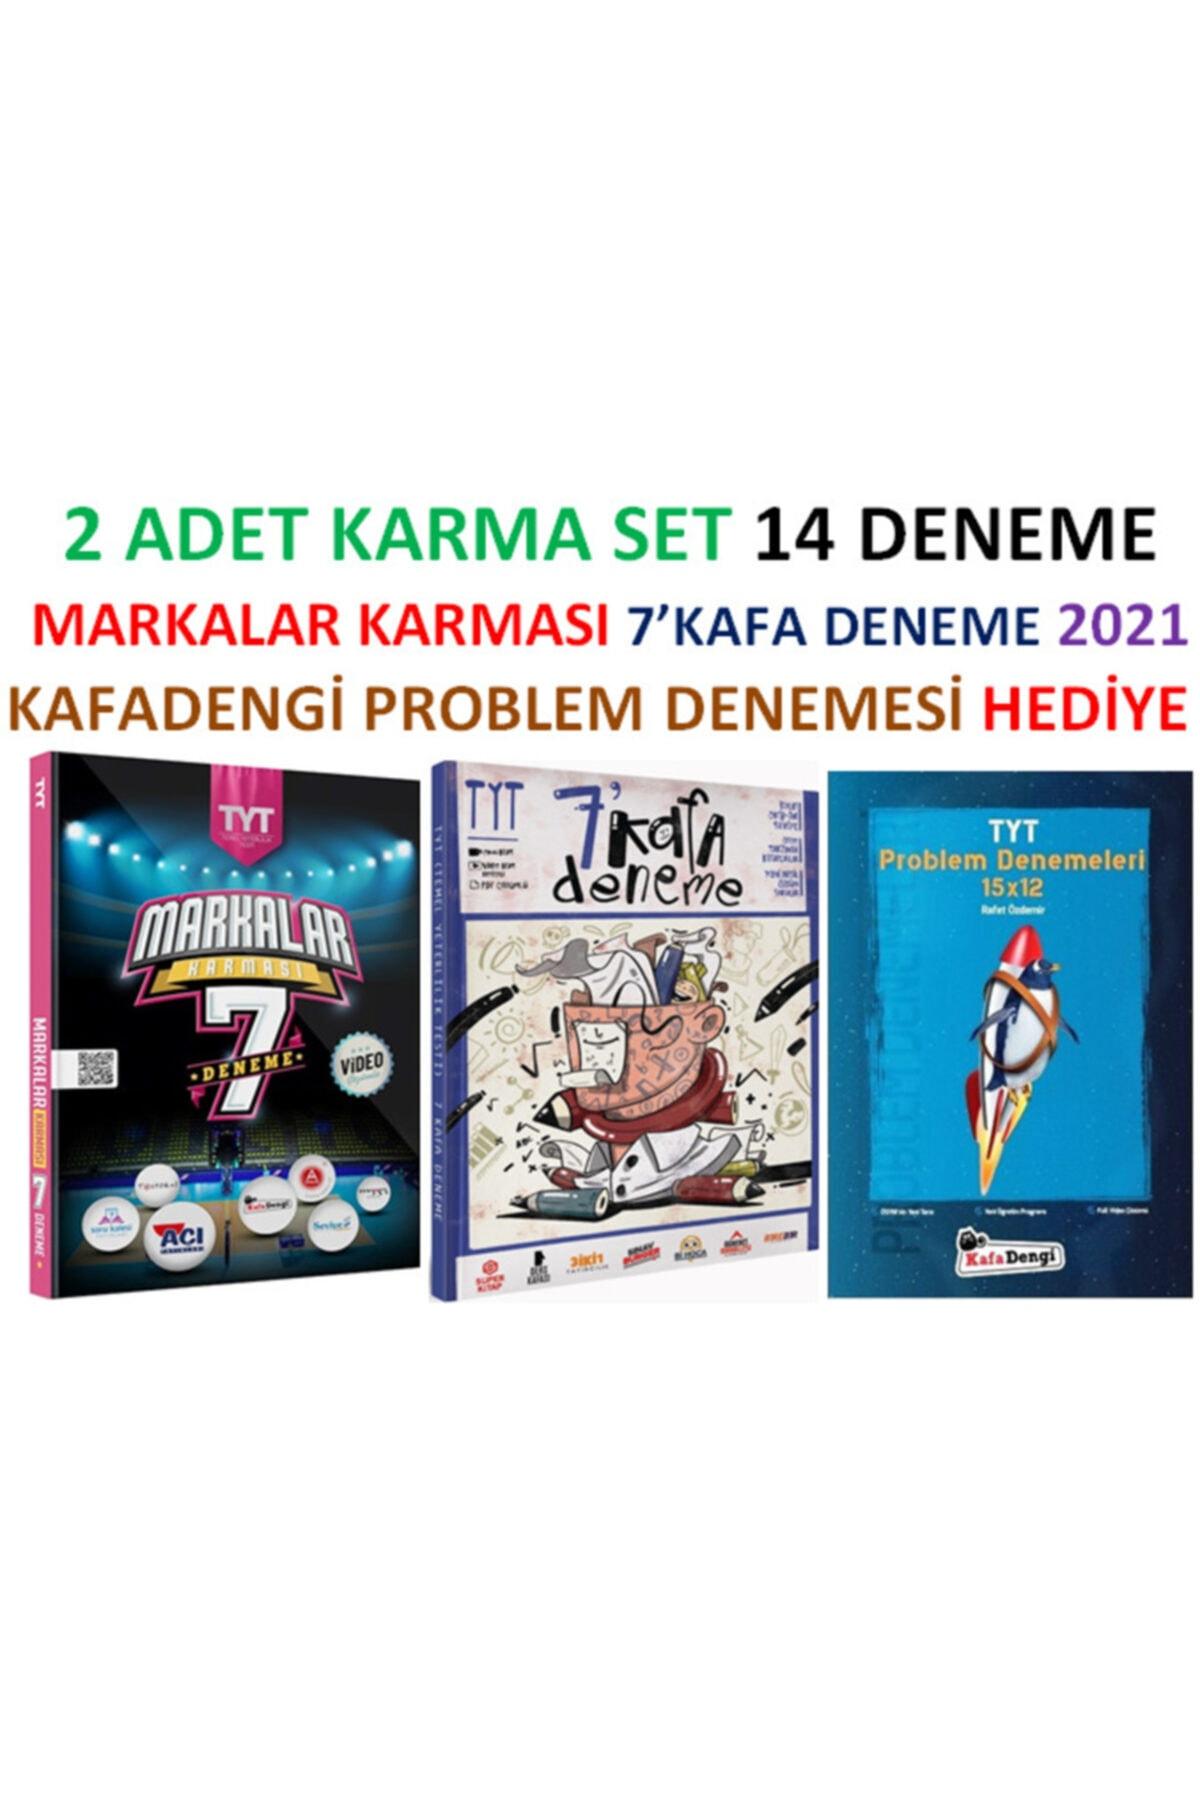 Süper Kitap Markalar Karması + 7kafa Yayınları Deneme Setlri 2li Set 2021 Hed 1